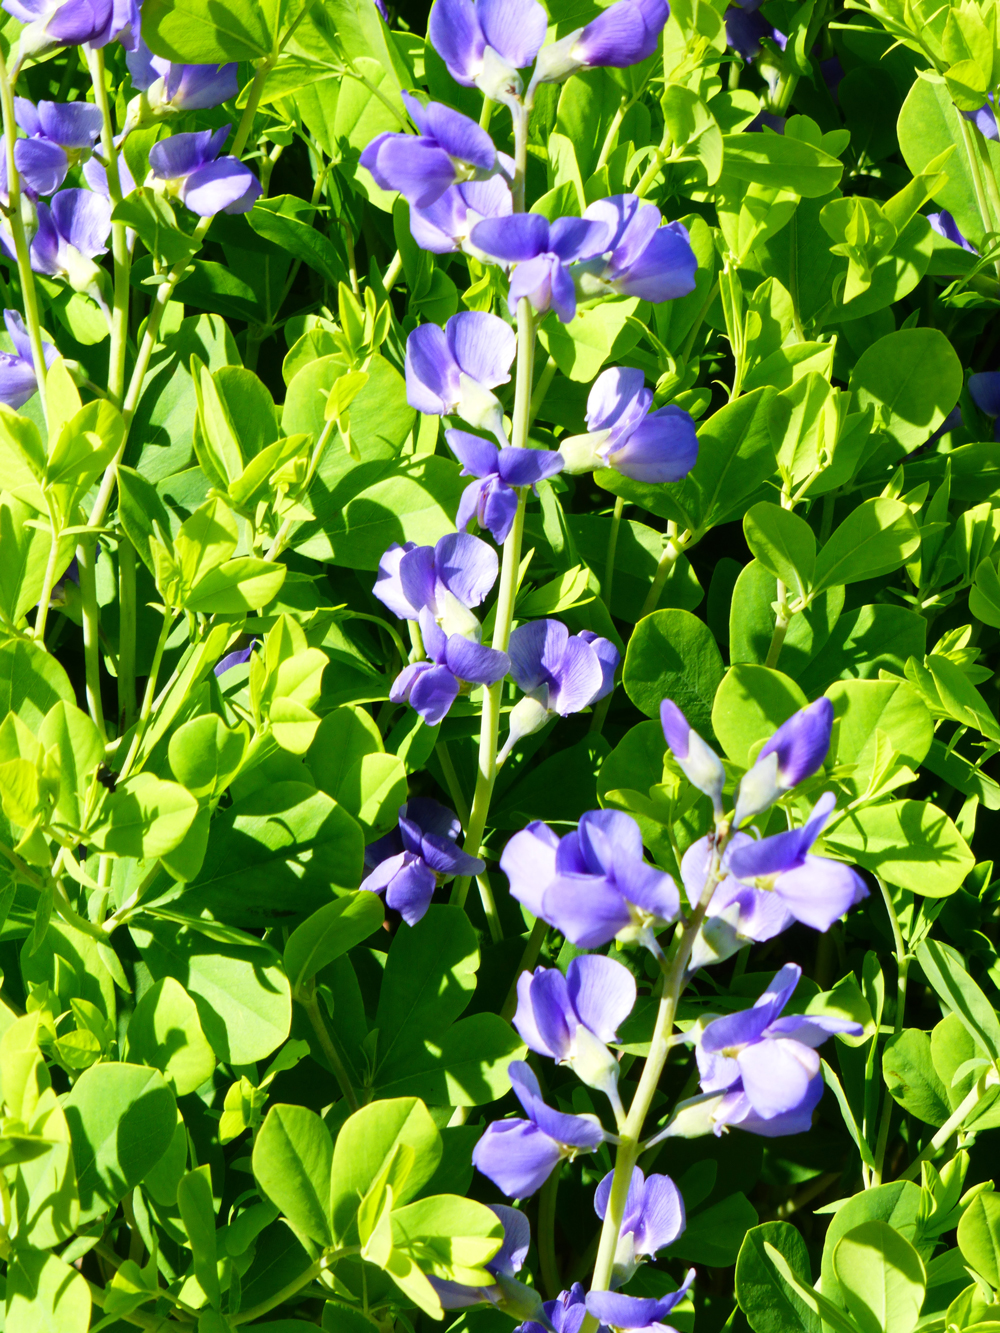 TPAC_flowers_1.jpg